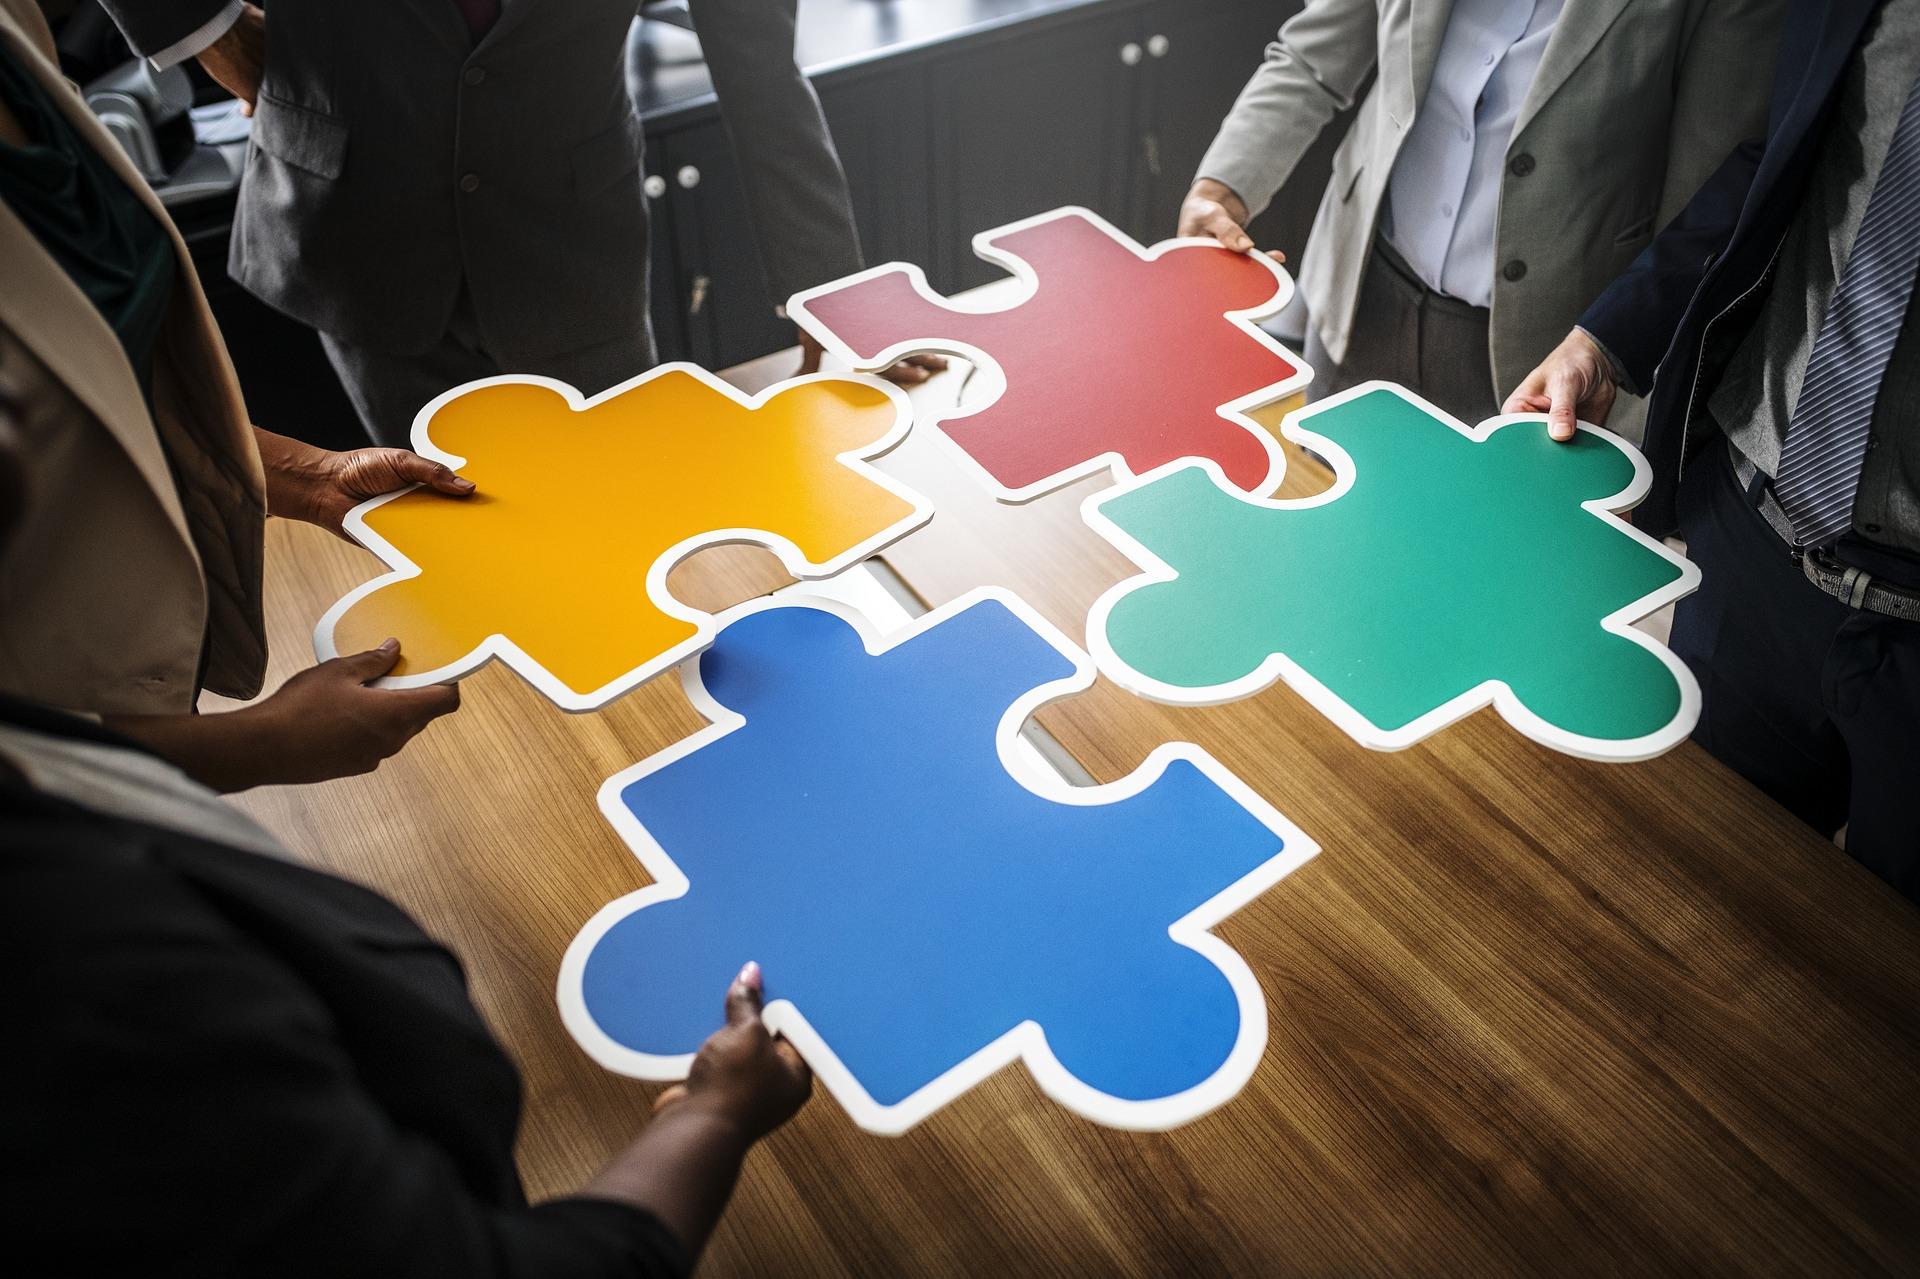 Negocjacje biznesowe - negocjacje pozycjne